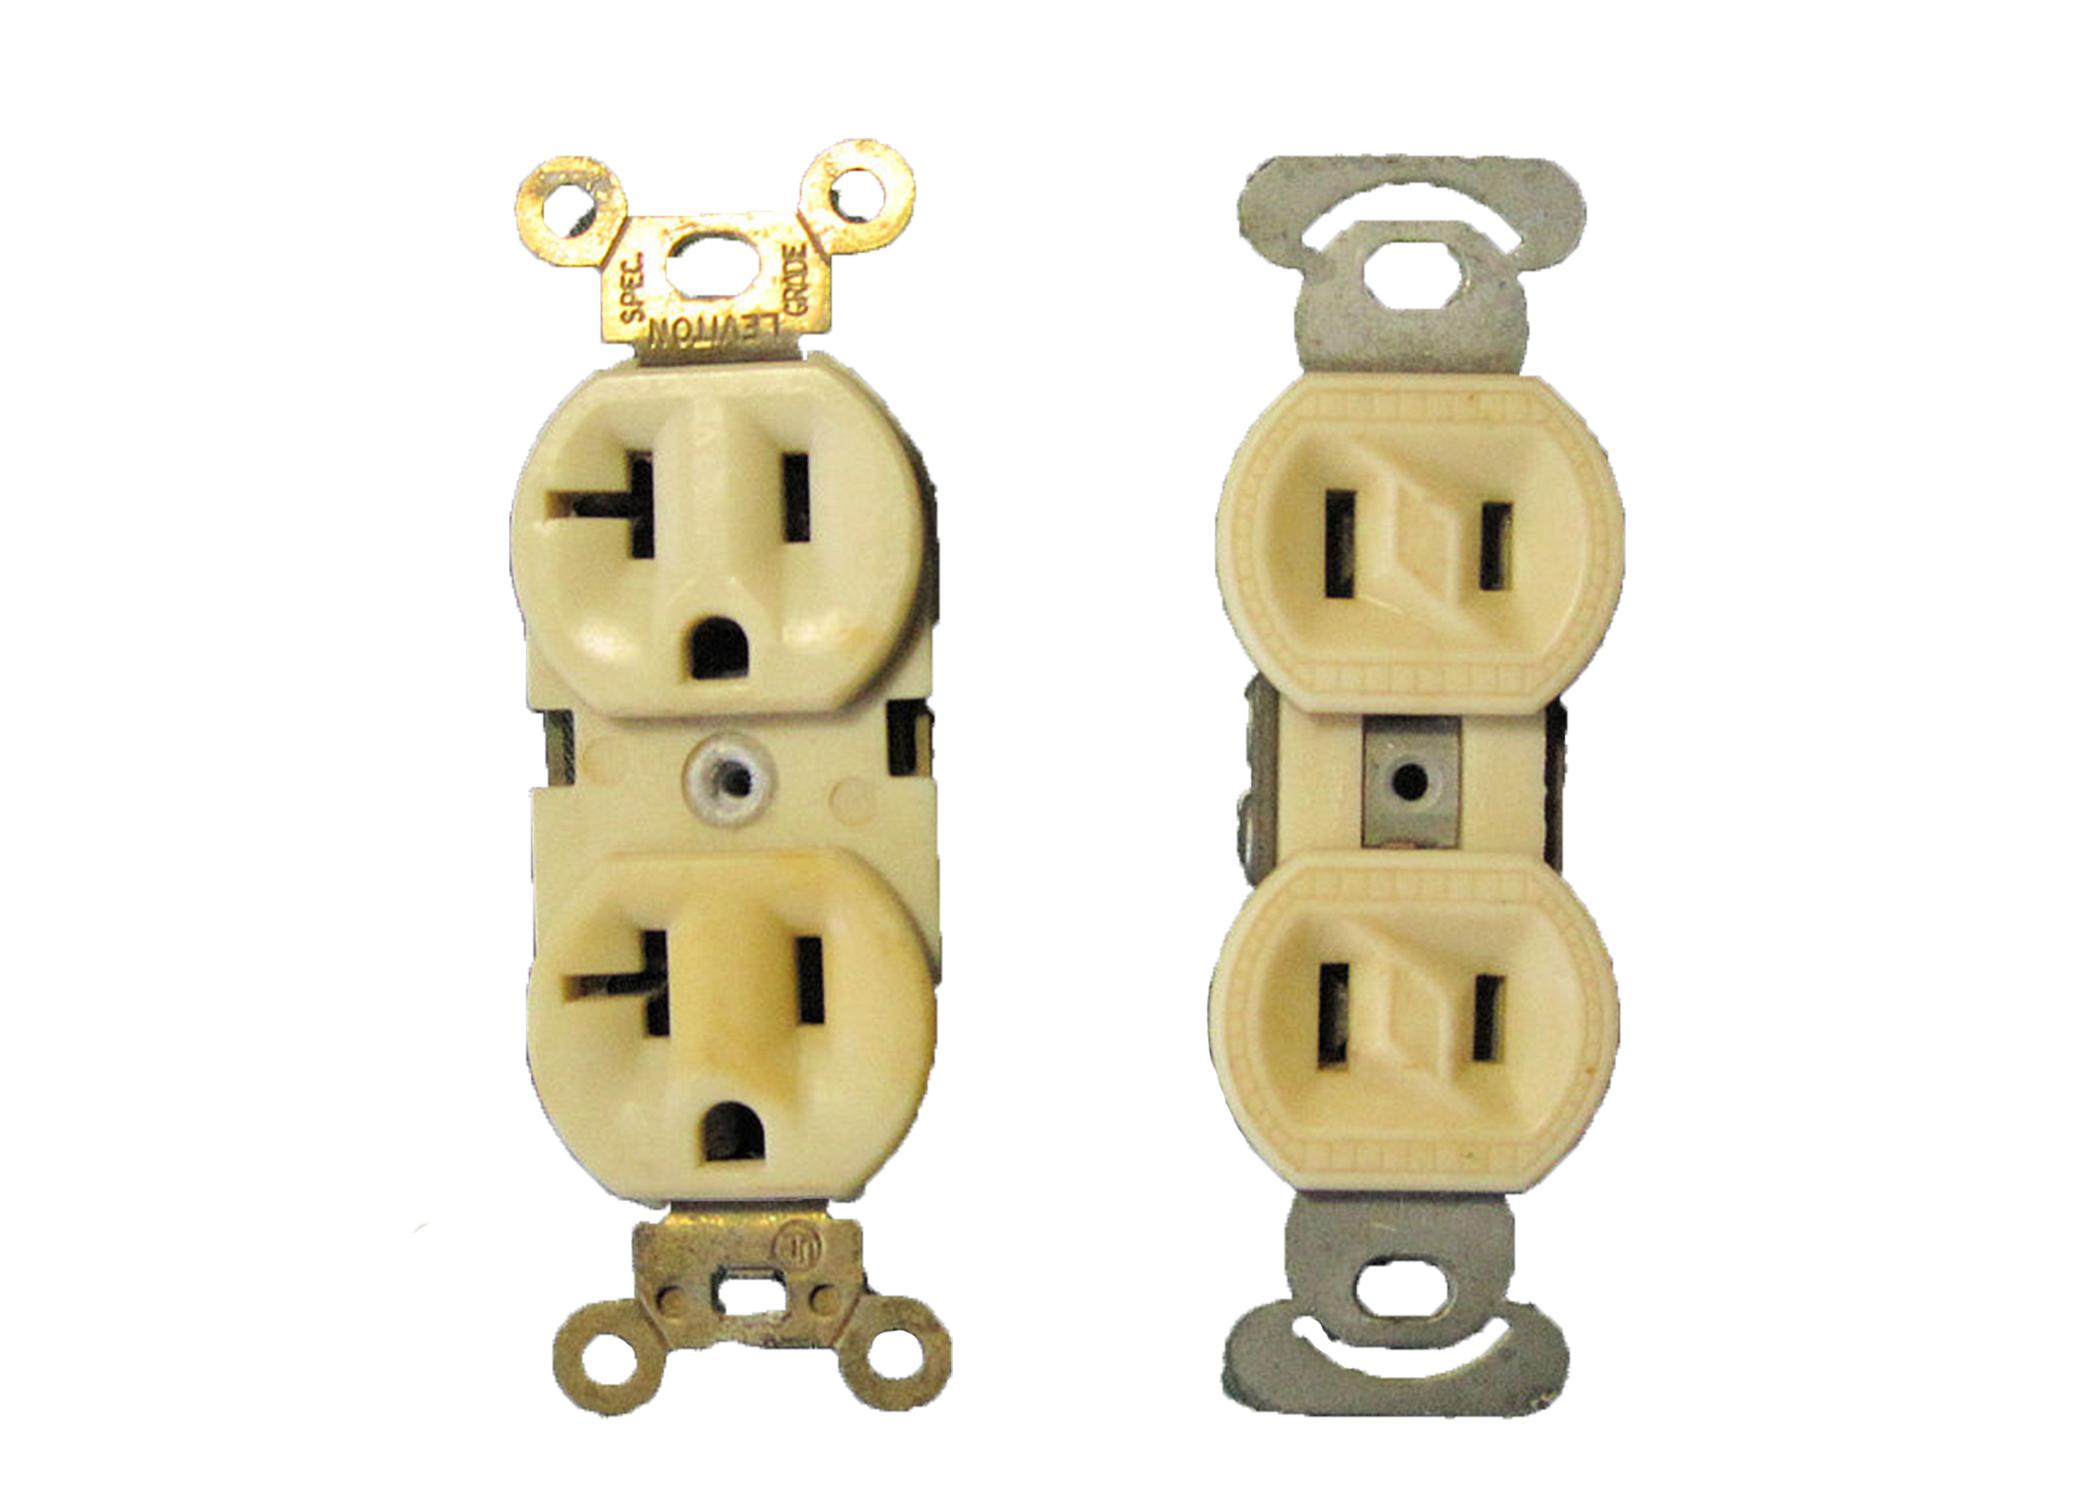 NEMA 1-15R Outlet vs. 5-15R Outlet